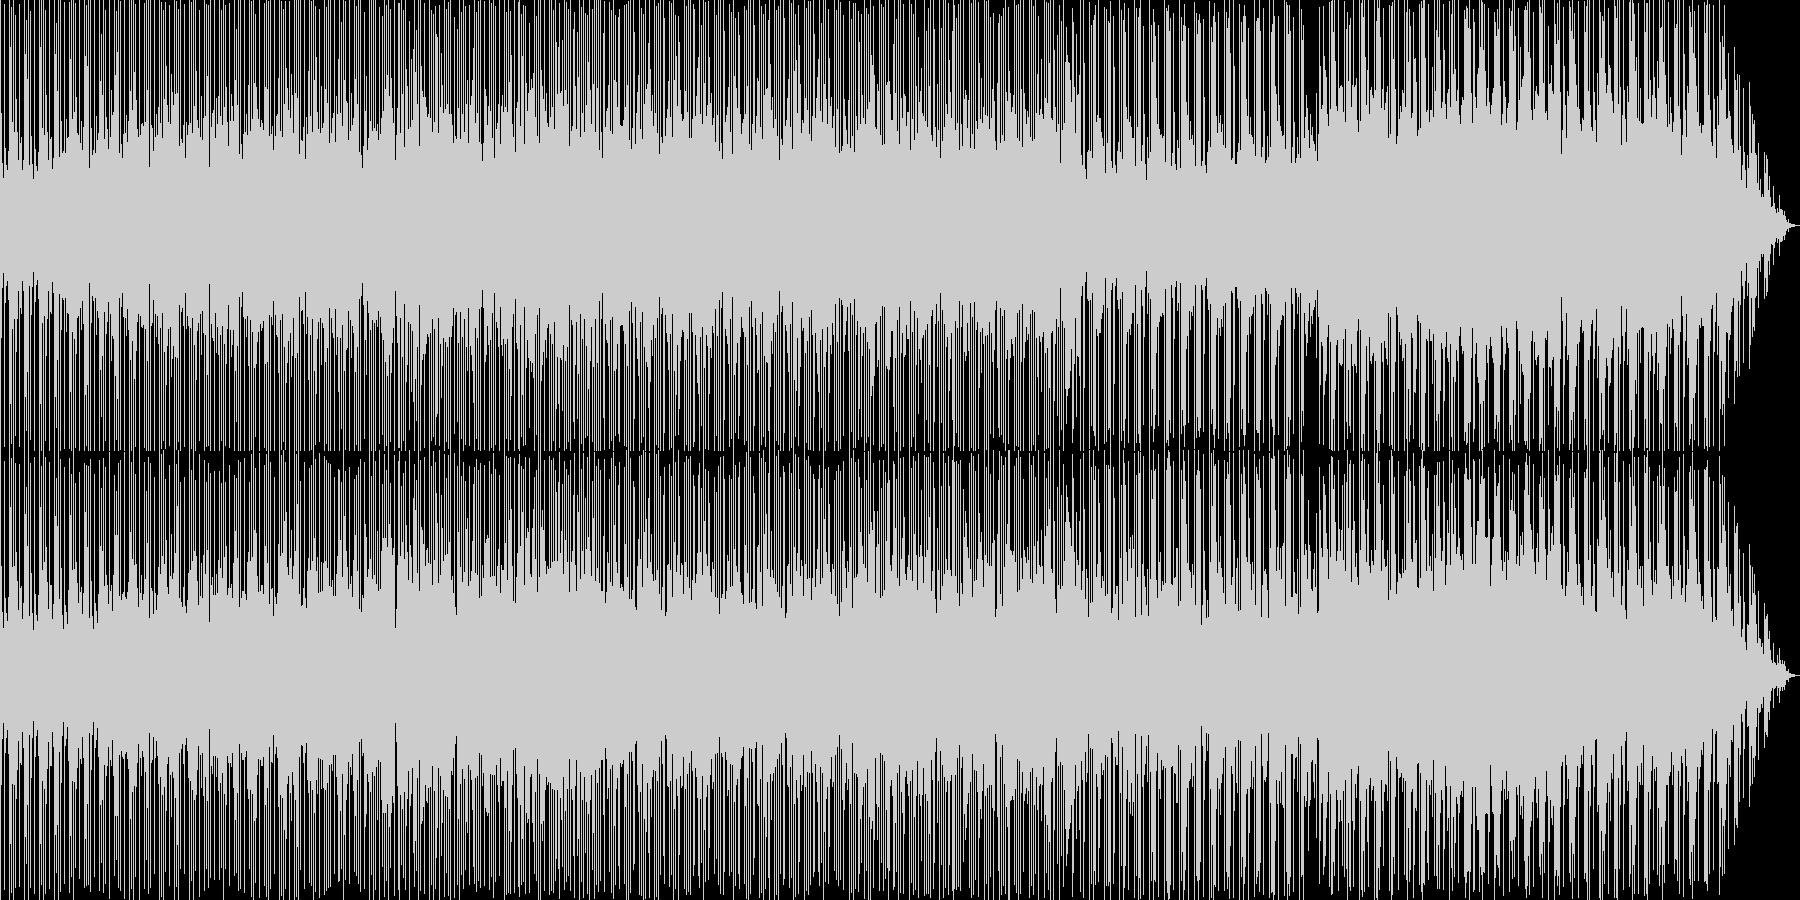 場面展開の早いCMのバックに流れるよう…の未再生の波形